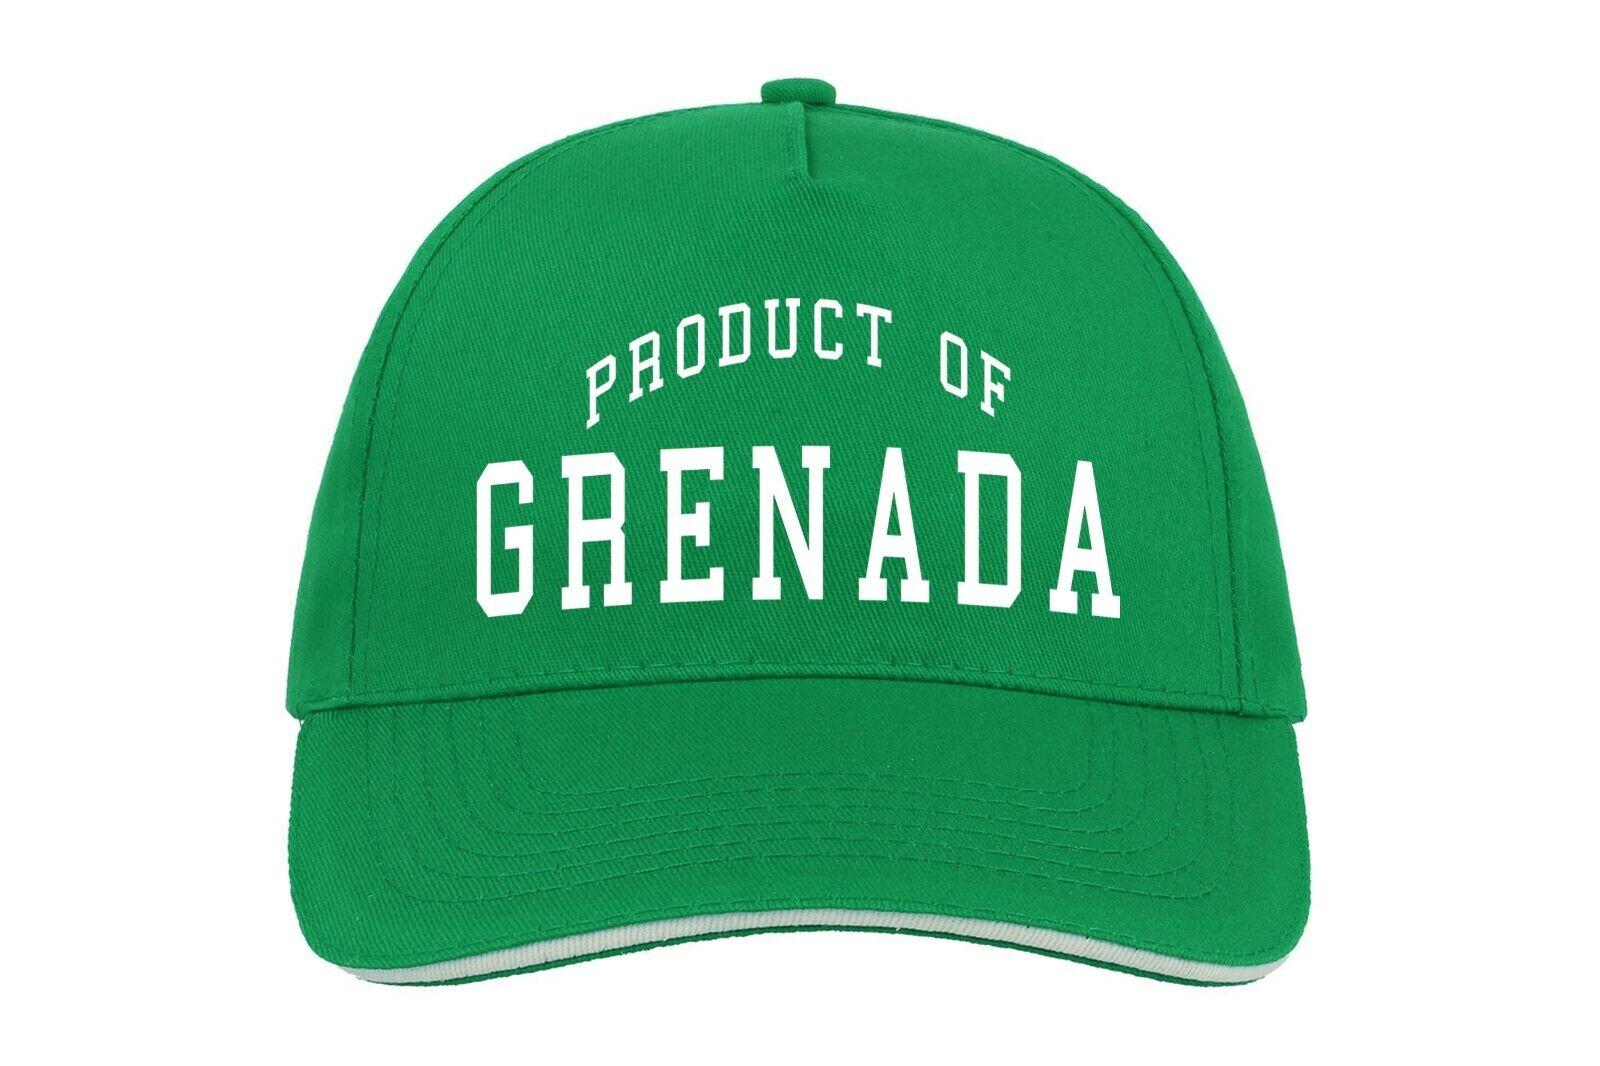 Grenada Produkt Von Baseballmütze Cap Maßgefertigt Geburtstagsgeschenk Country